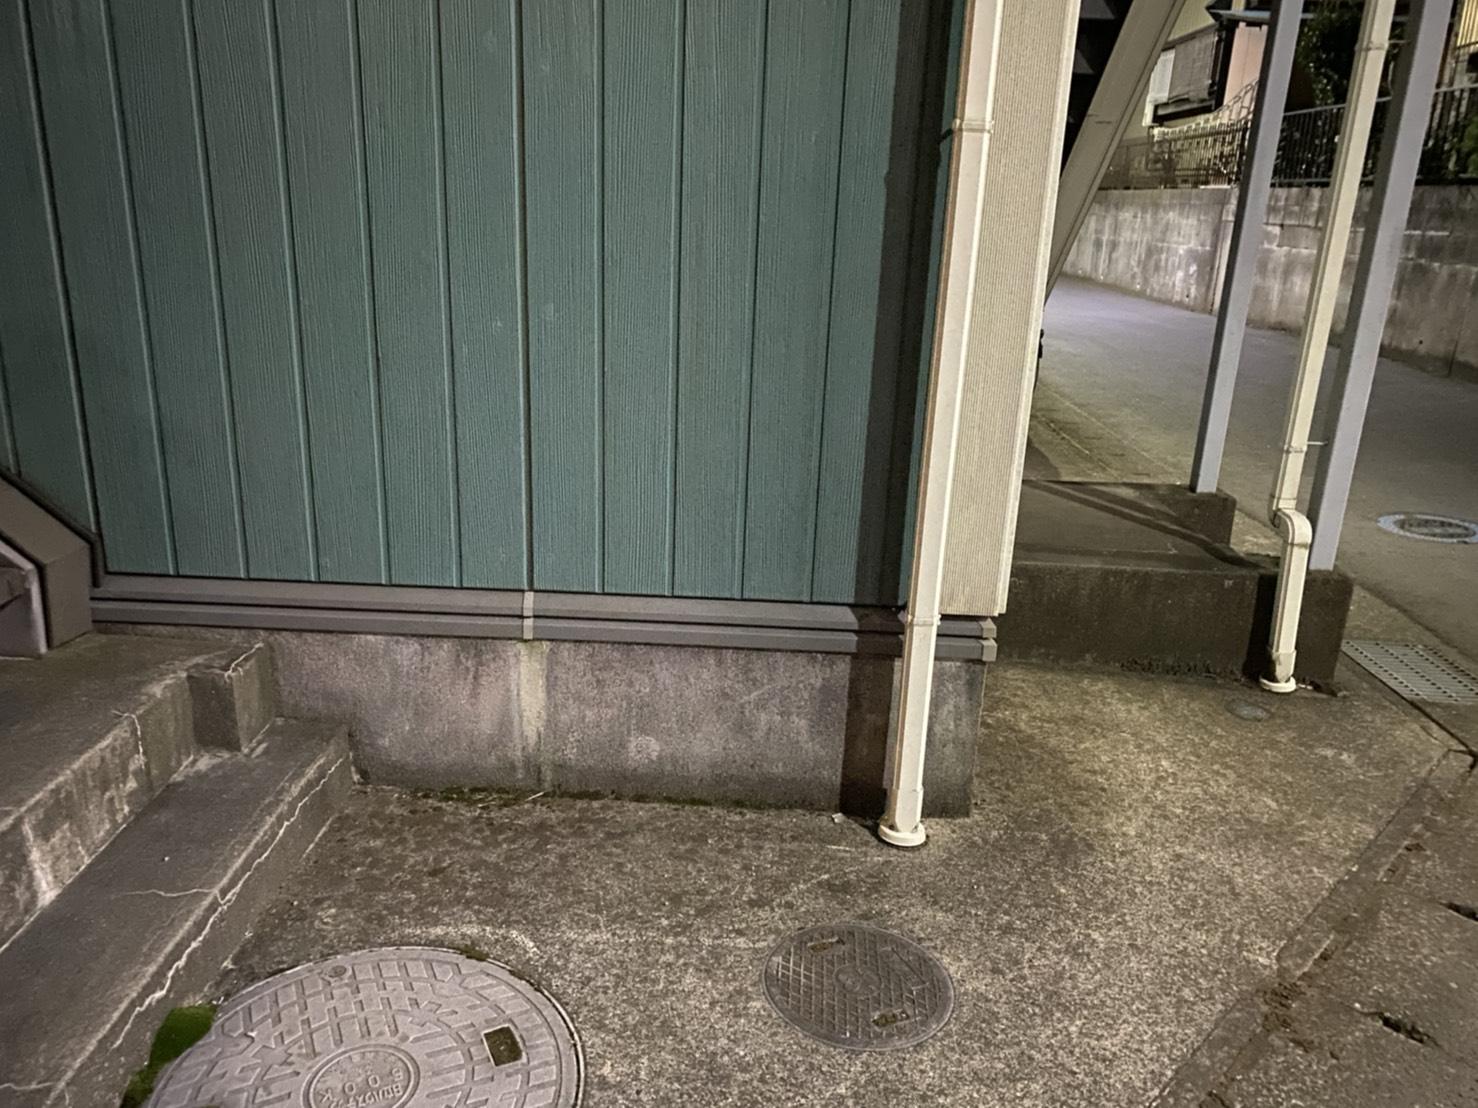 千葉県松戸市の全身鏡の回収後